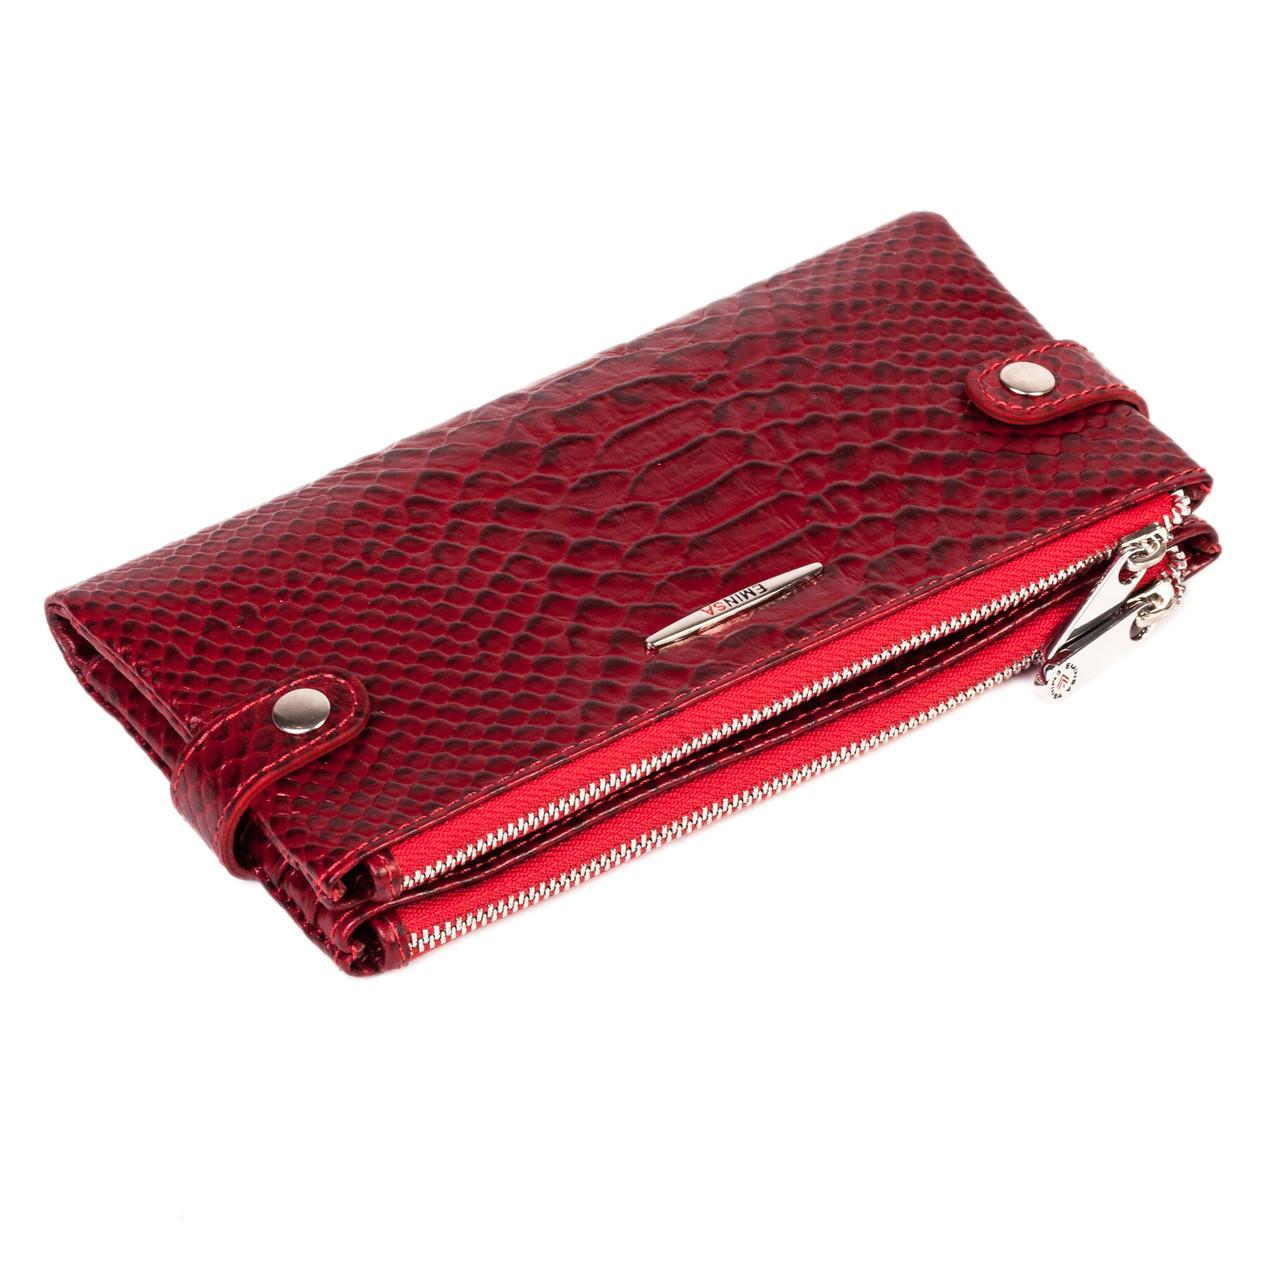 Женский кошелек Eminsa 2117-21-5 кожаный красный